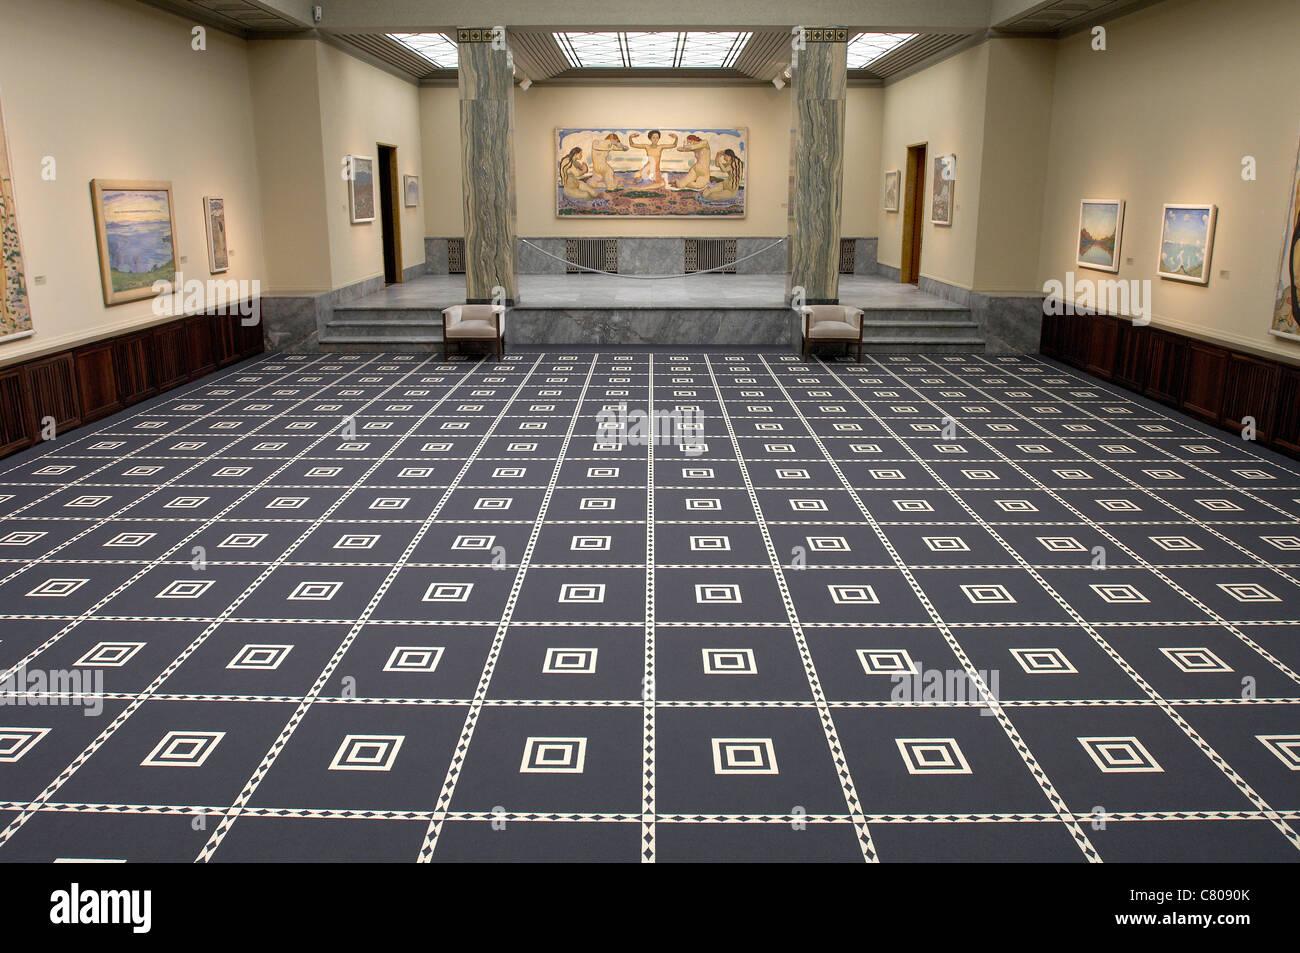 Svizzera, Zurigo, museo Kunsthaus Immagini Stock